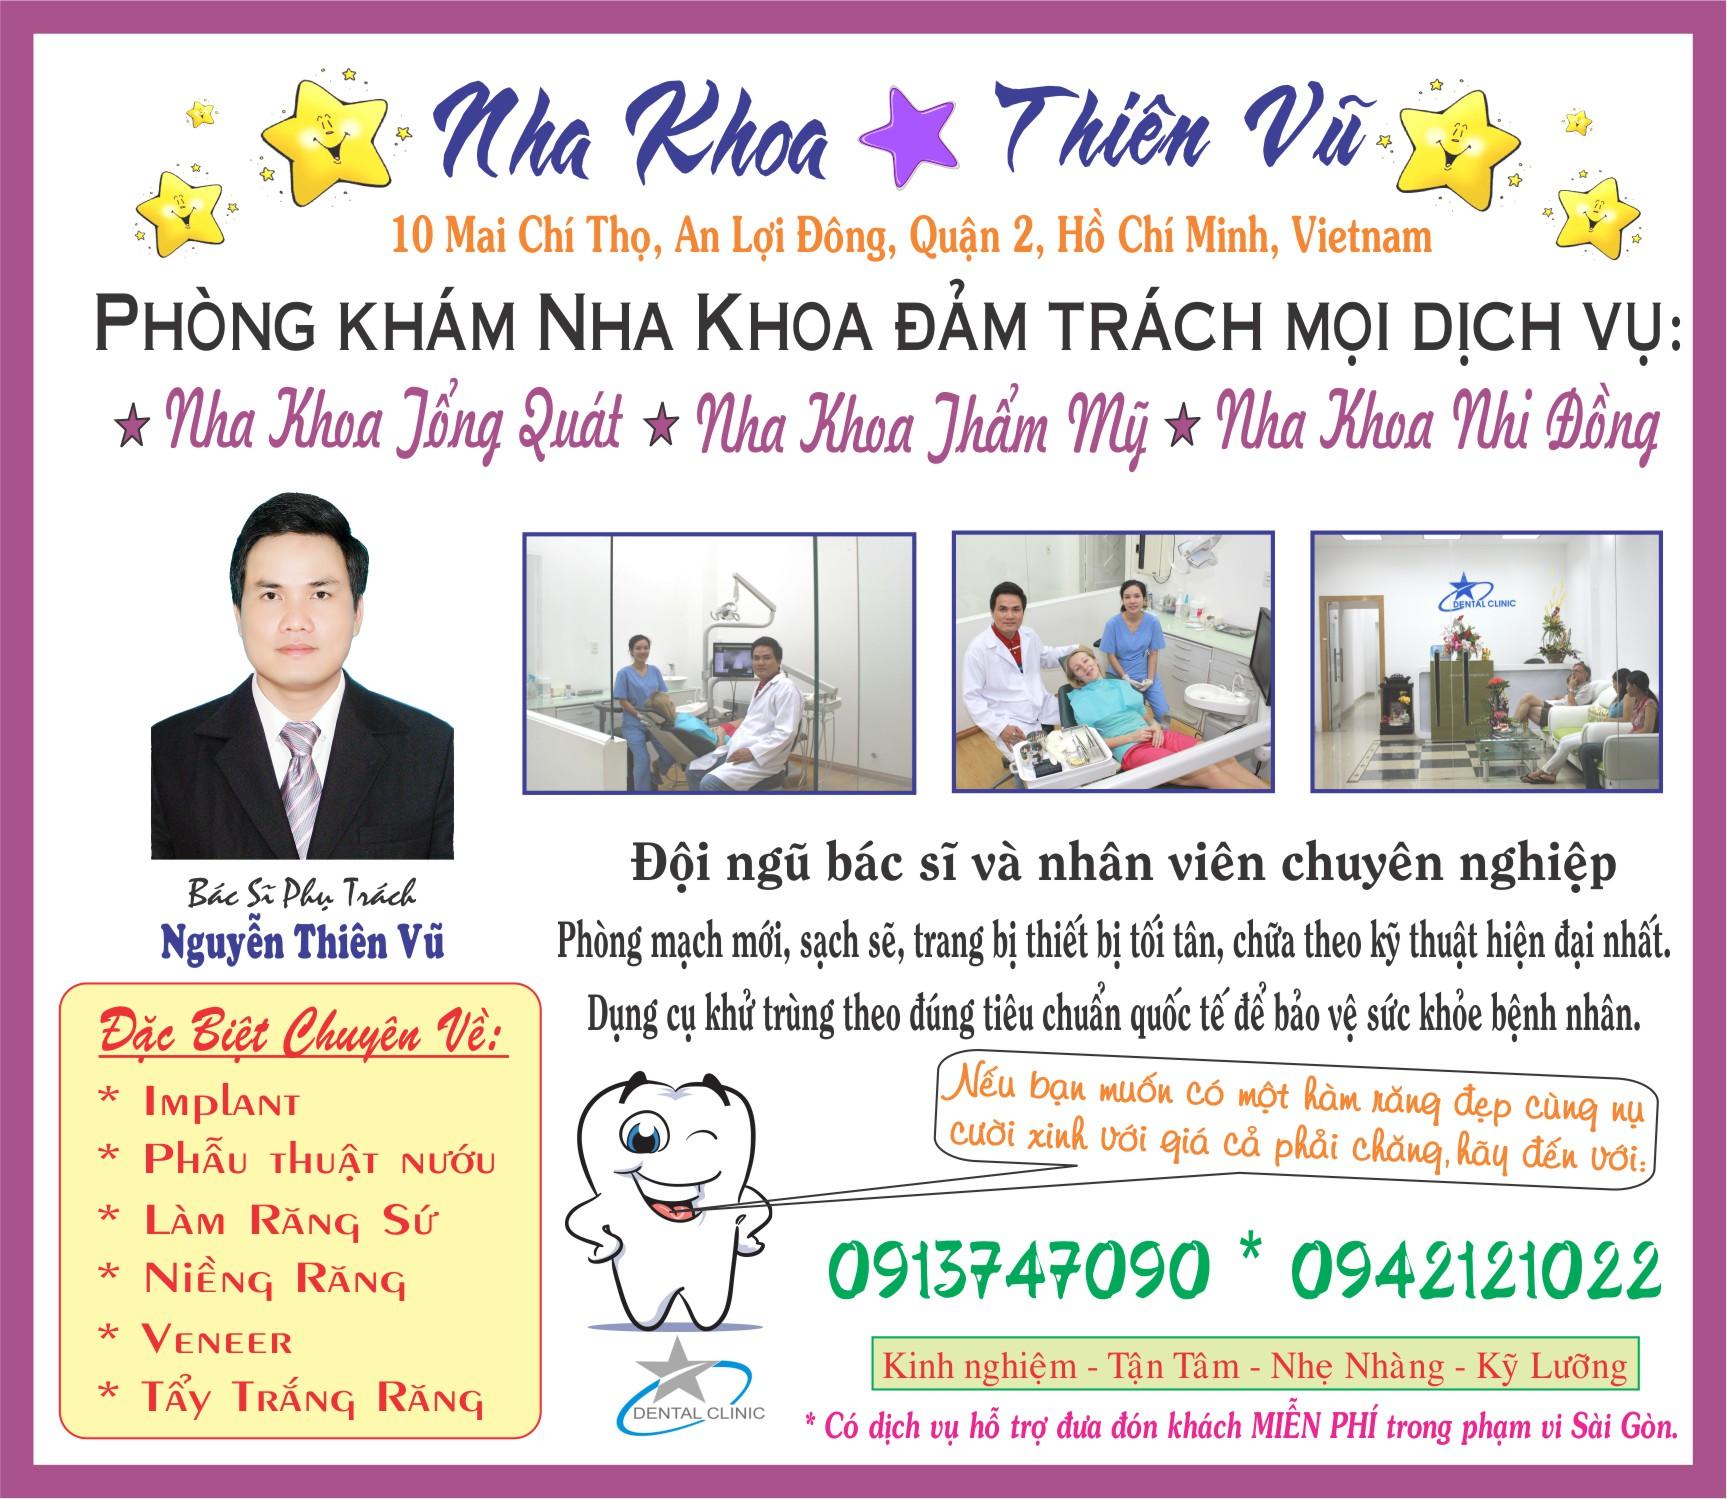 Nha Khoa Thien Vu